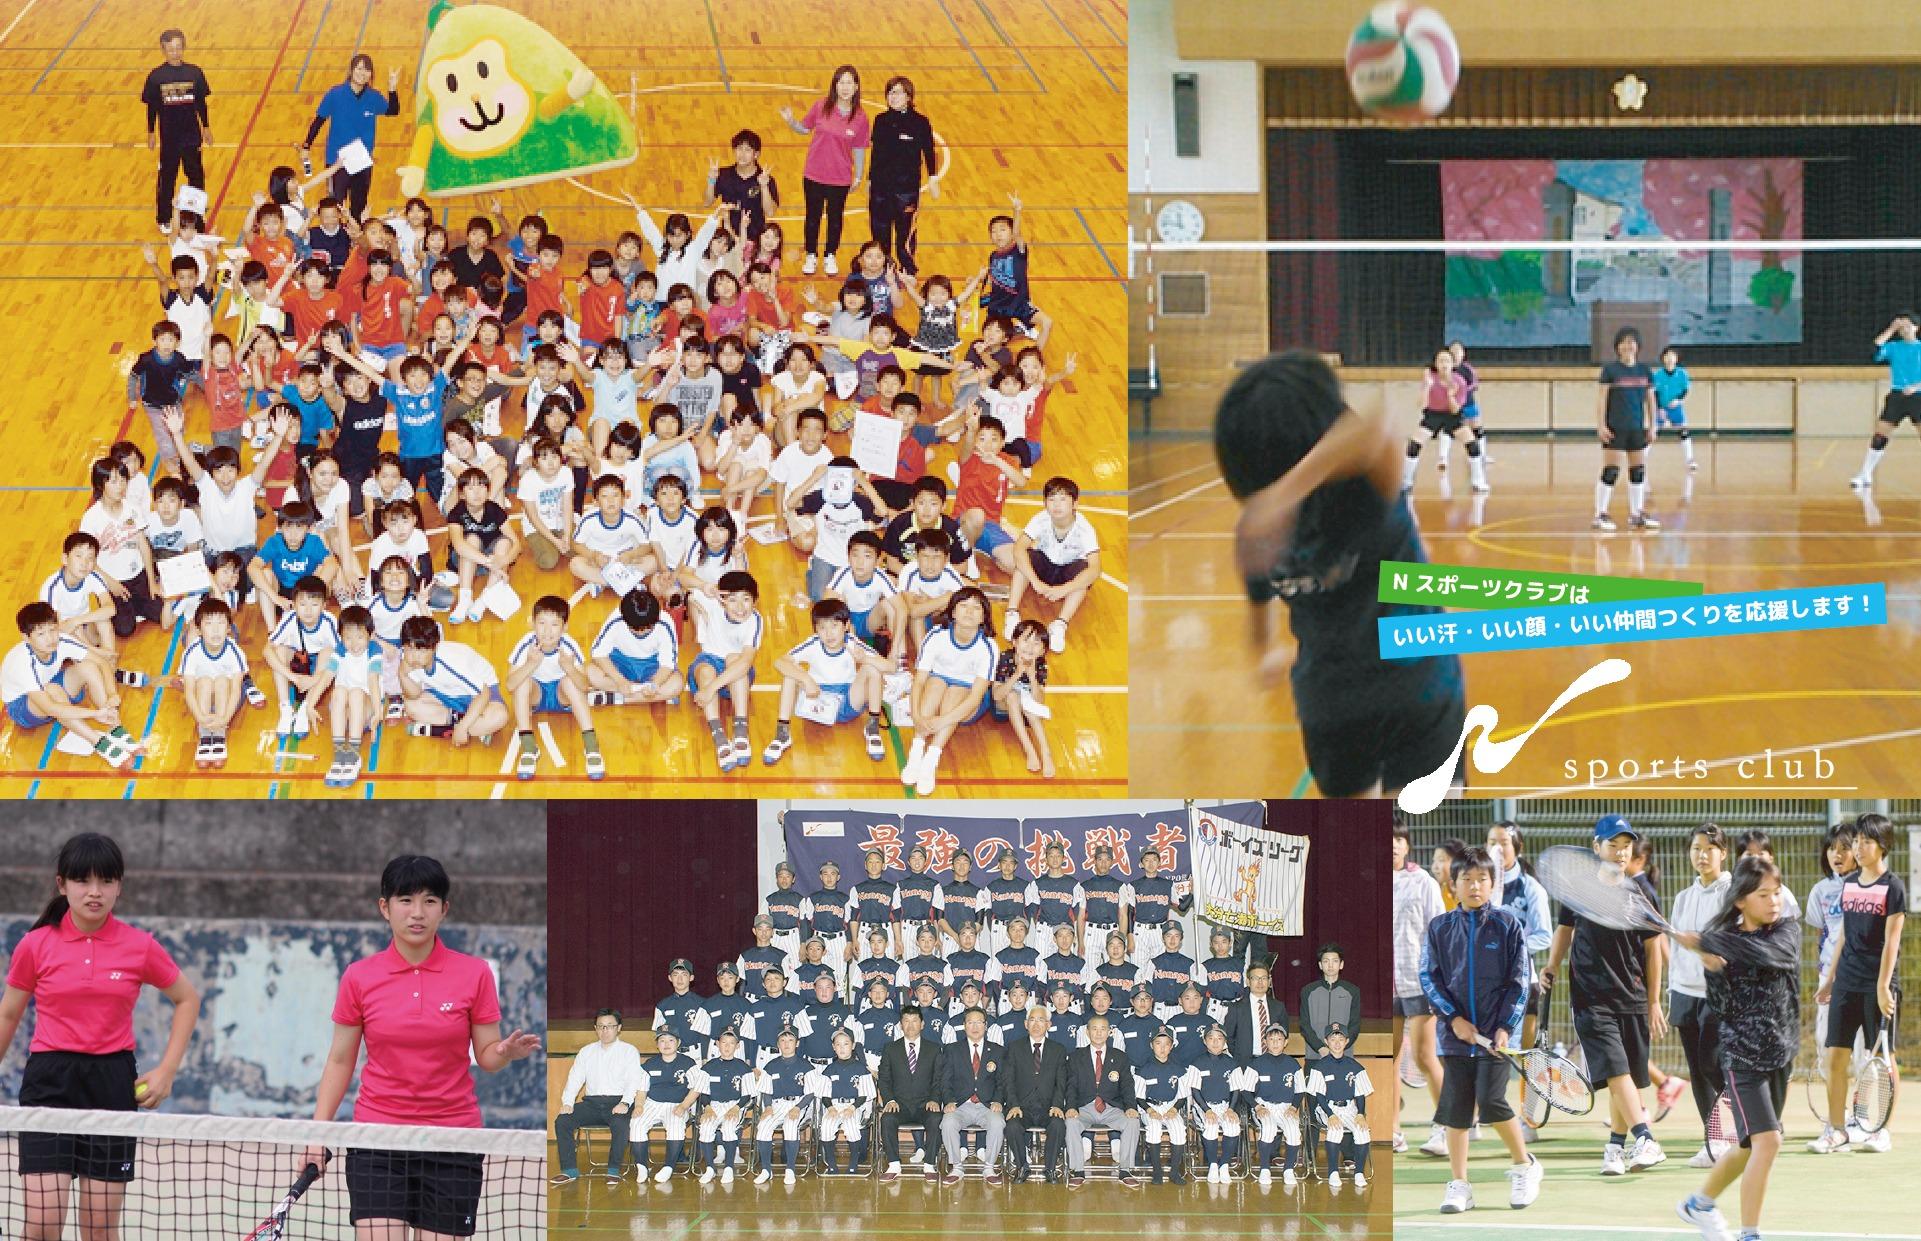 総合型地域スポーツクラブ Nスポーツクラブ